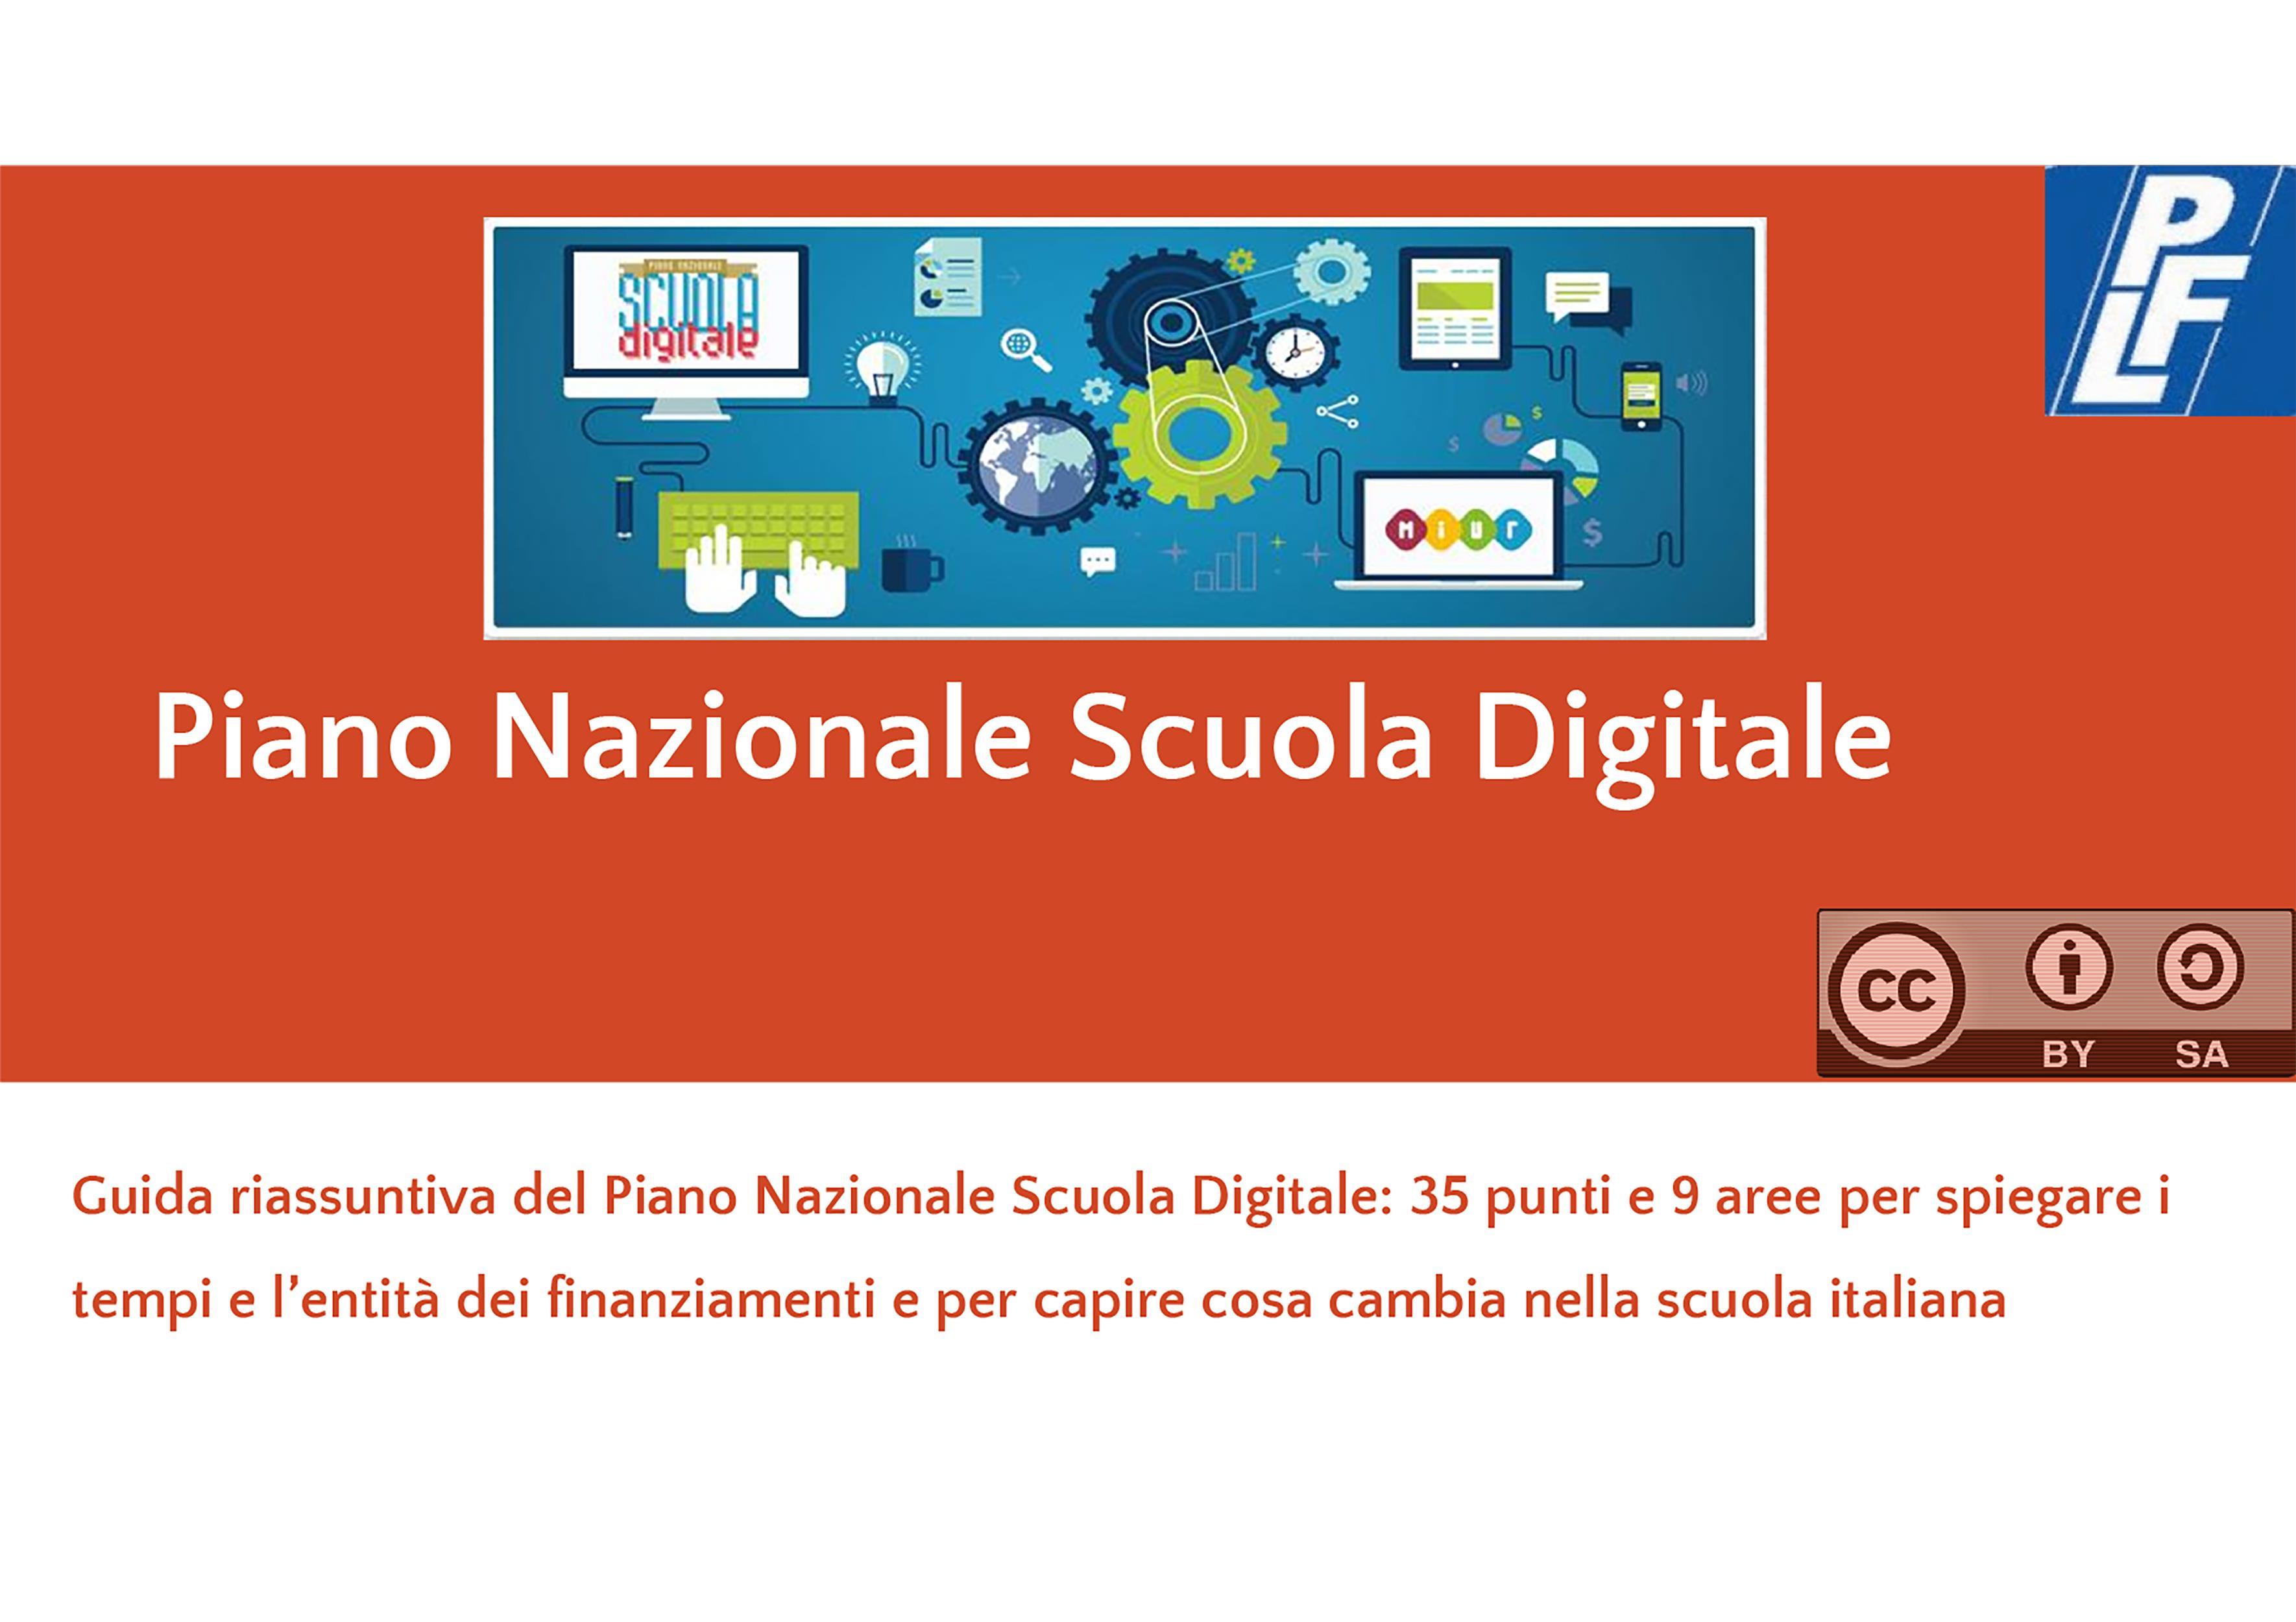 Guida al Piano Nazionale Scuola Digitale